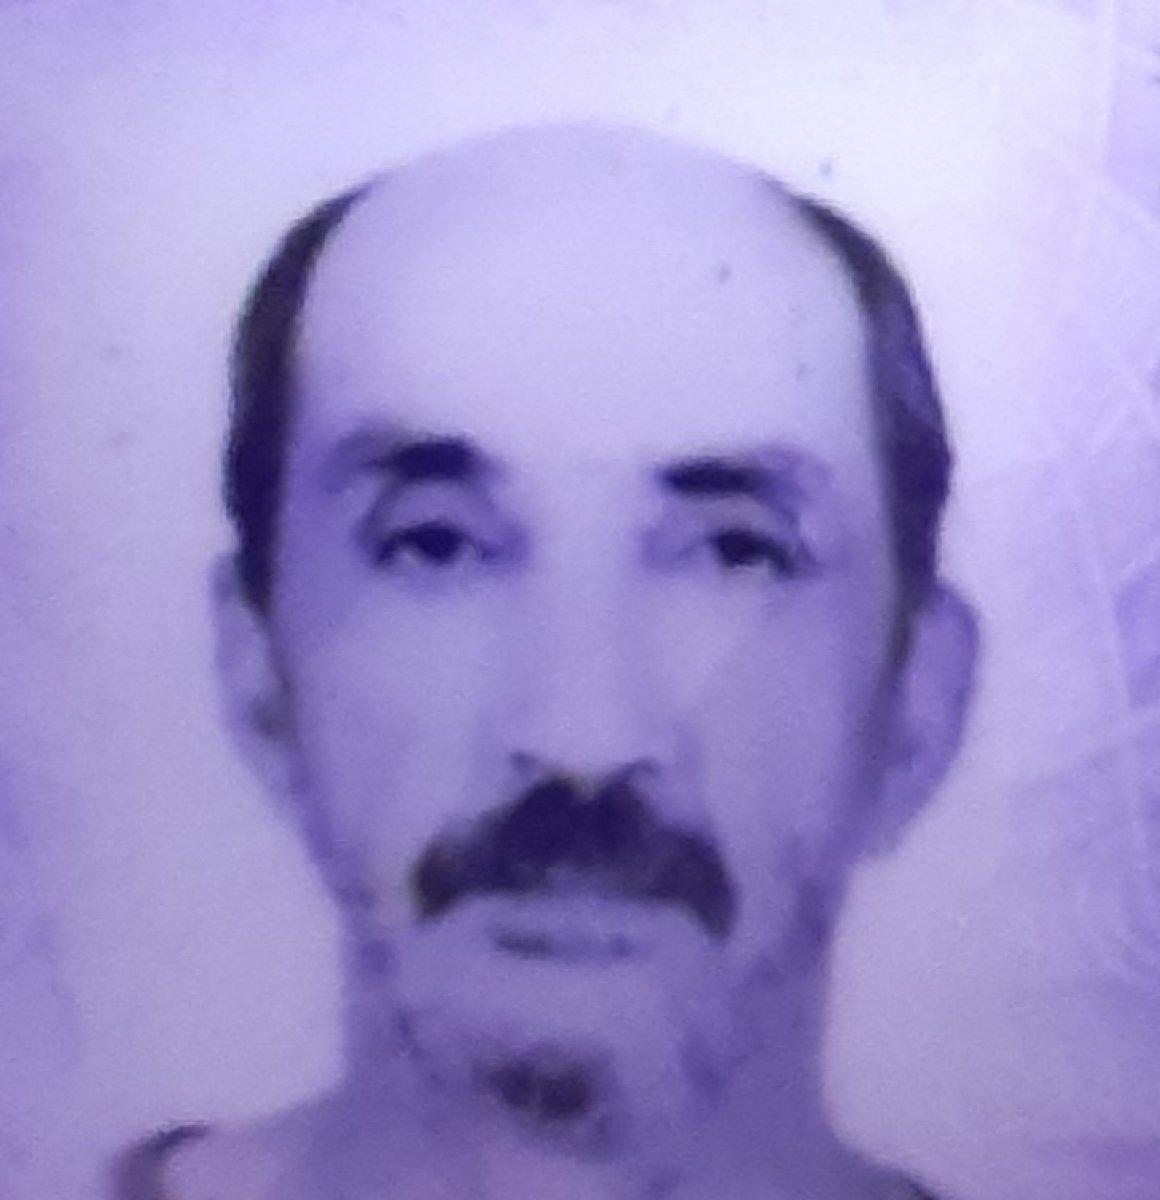 İzmir de bulunan bir parkta ceset bulundu #2